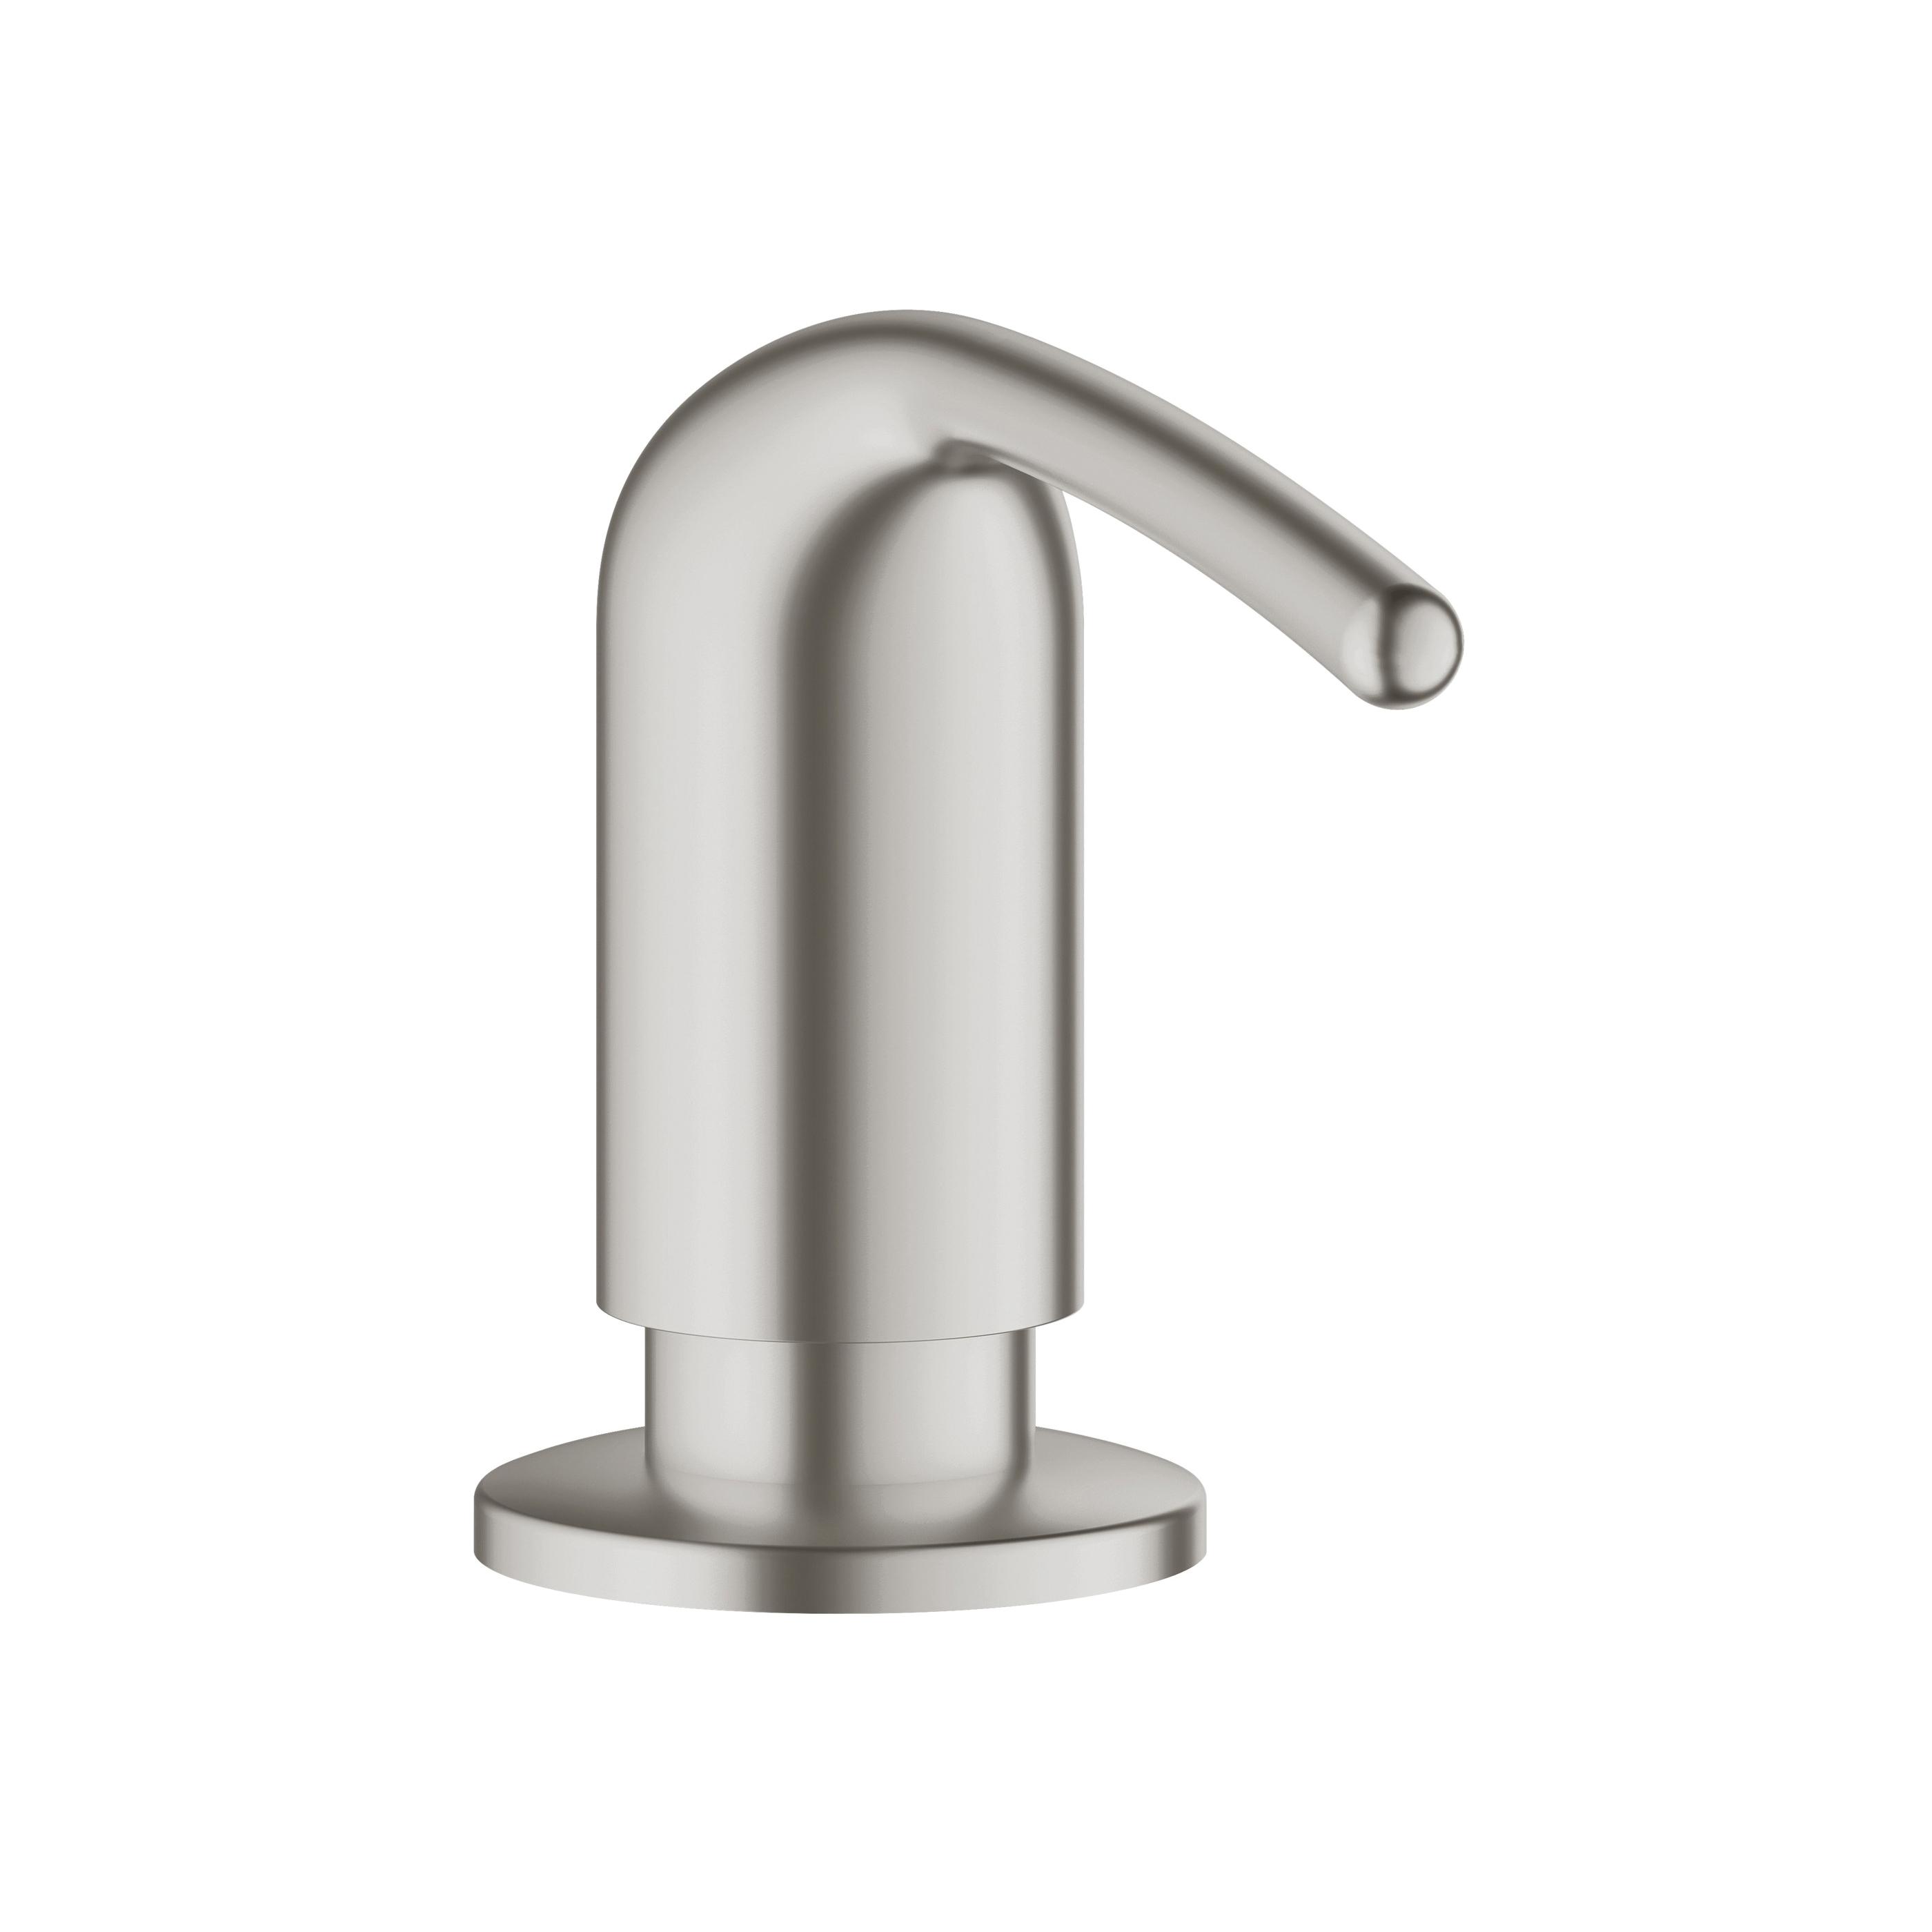 GROHE 40553DC0 Ladylux Zedra Soap Dispenser, 15 oz, Deck Mount, Brass, SuperSteel